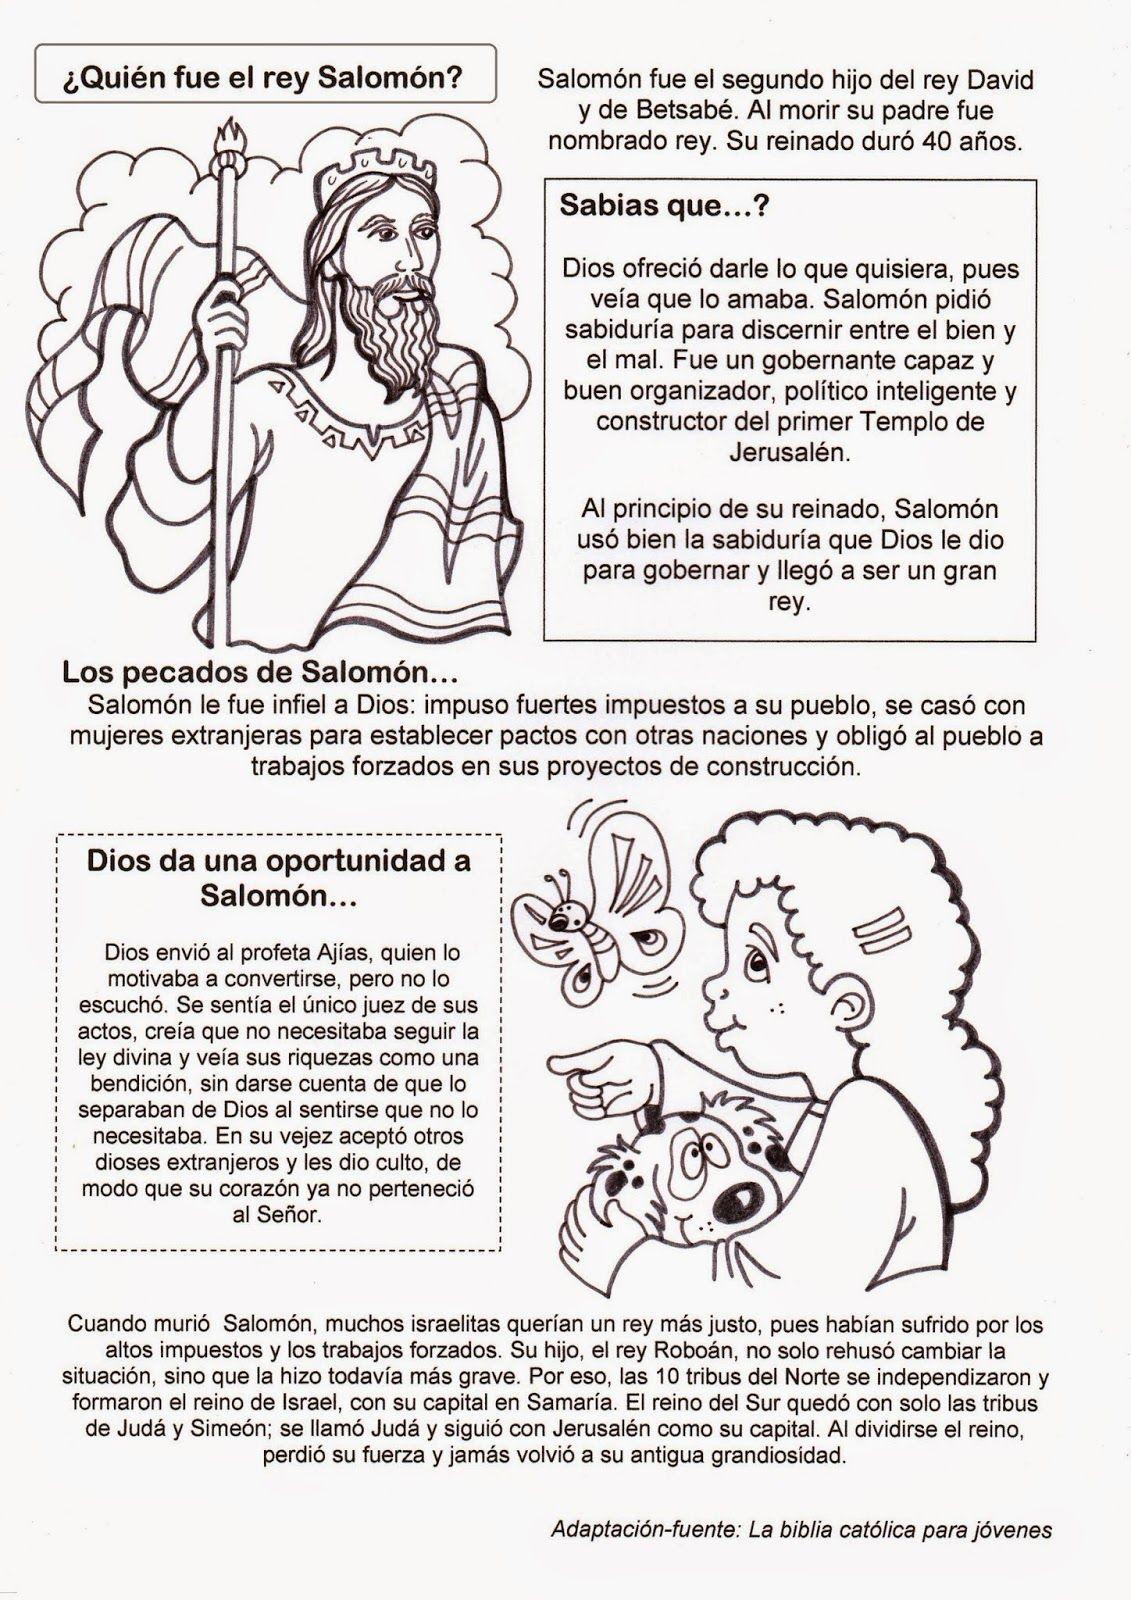 El Rincon De Las Melli Quien Fue El Rey Salomon Biblia Para Ninos Escuela Dominical Para Ninos Lecciones Para Ninos En La Iglesia